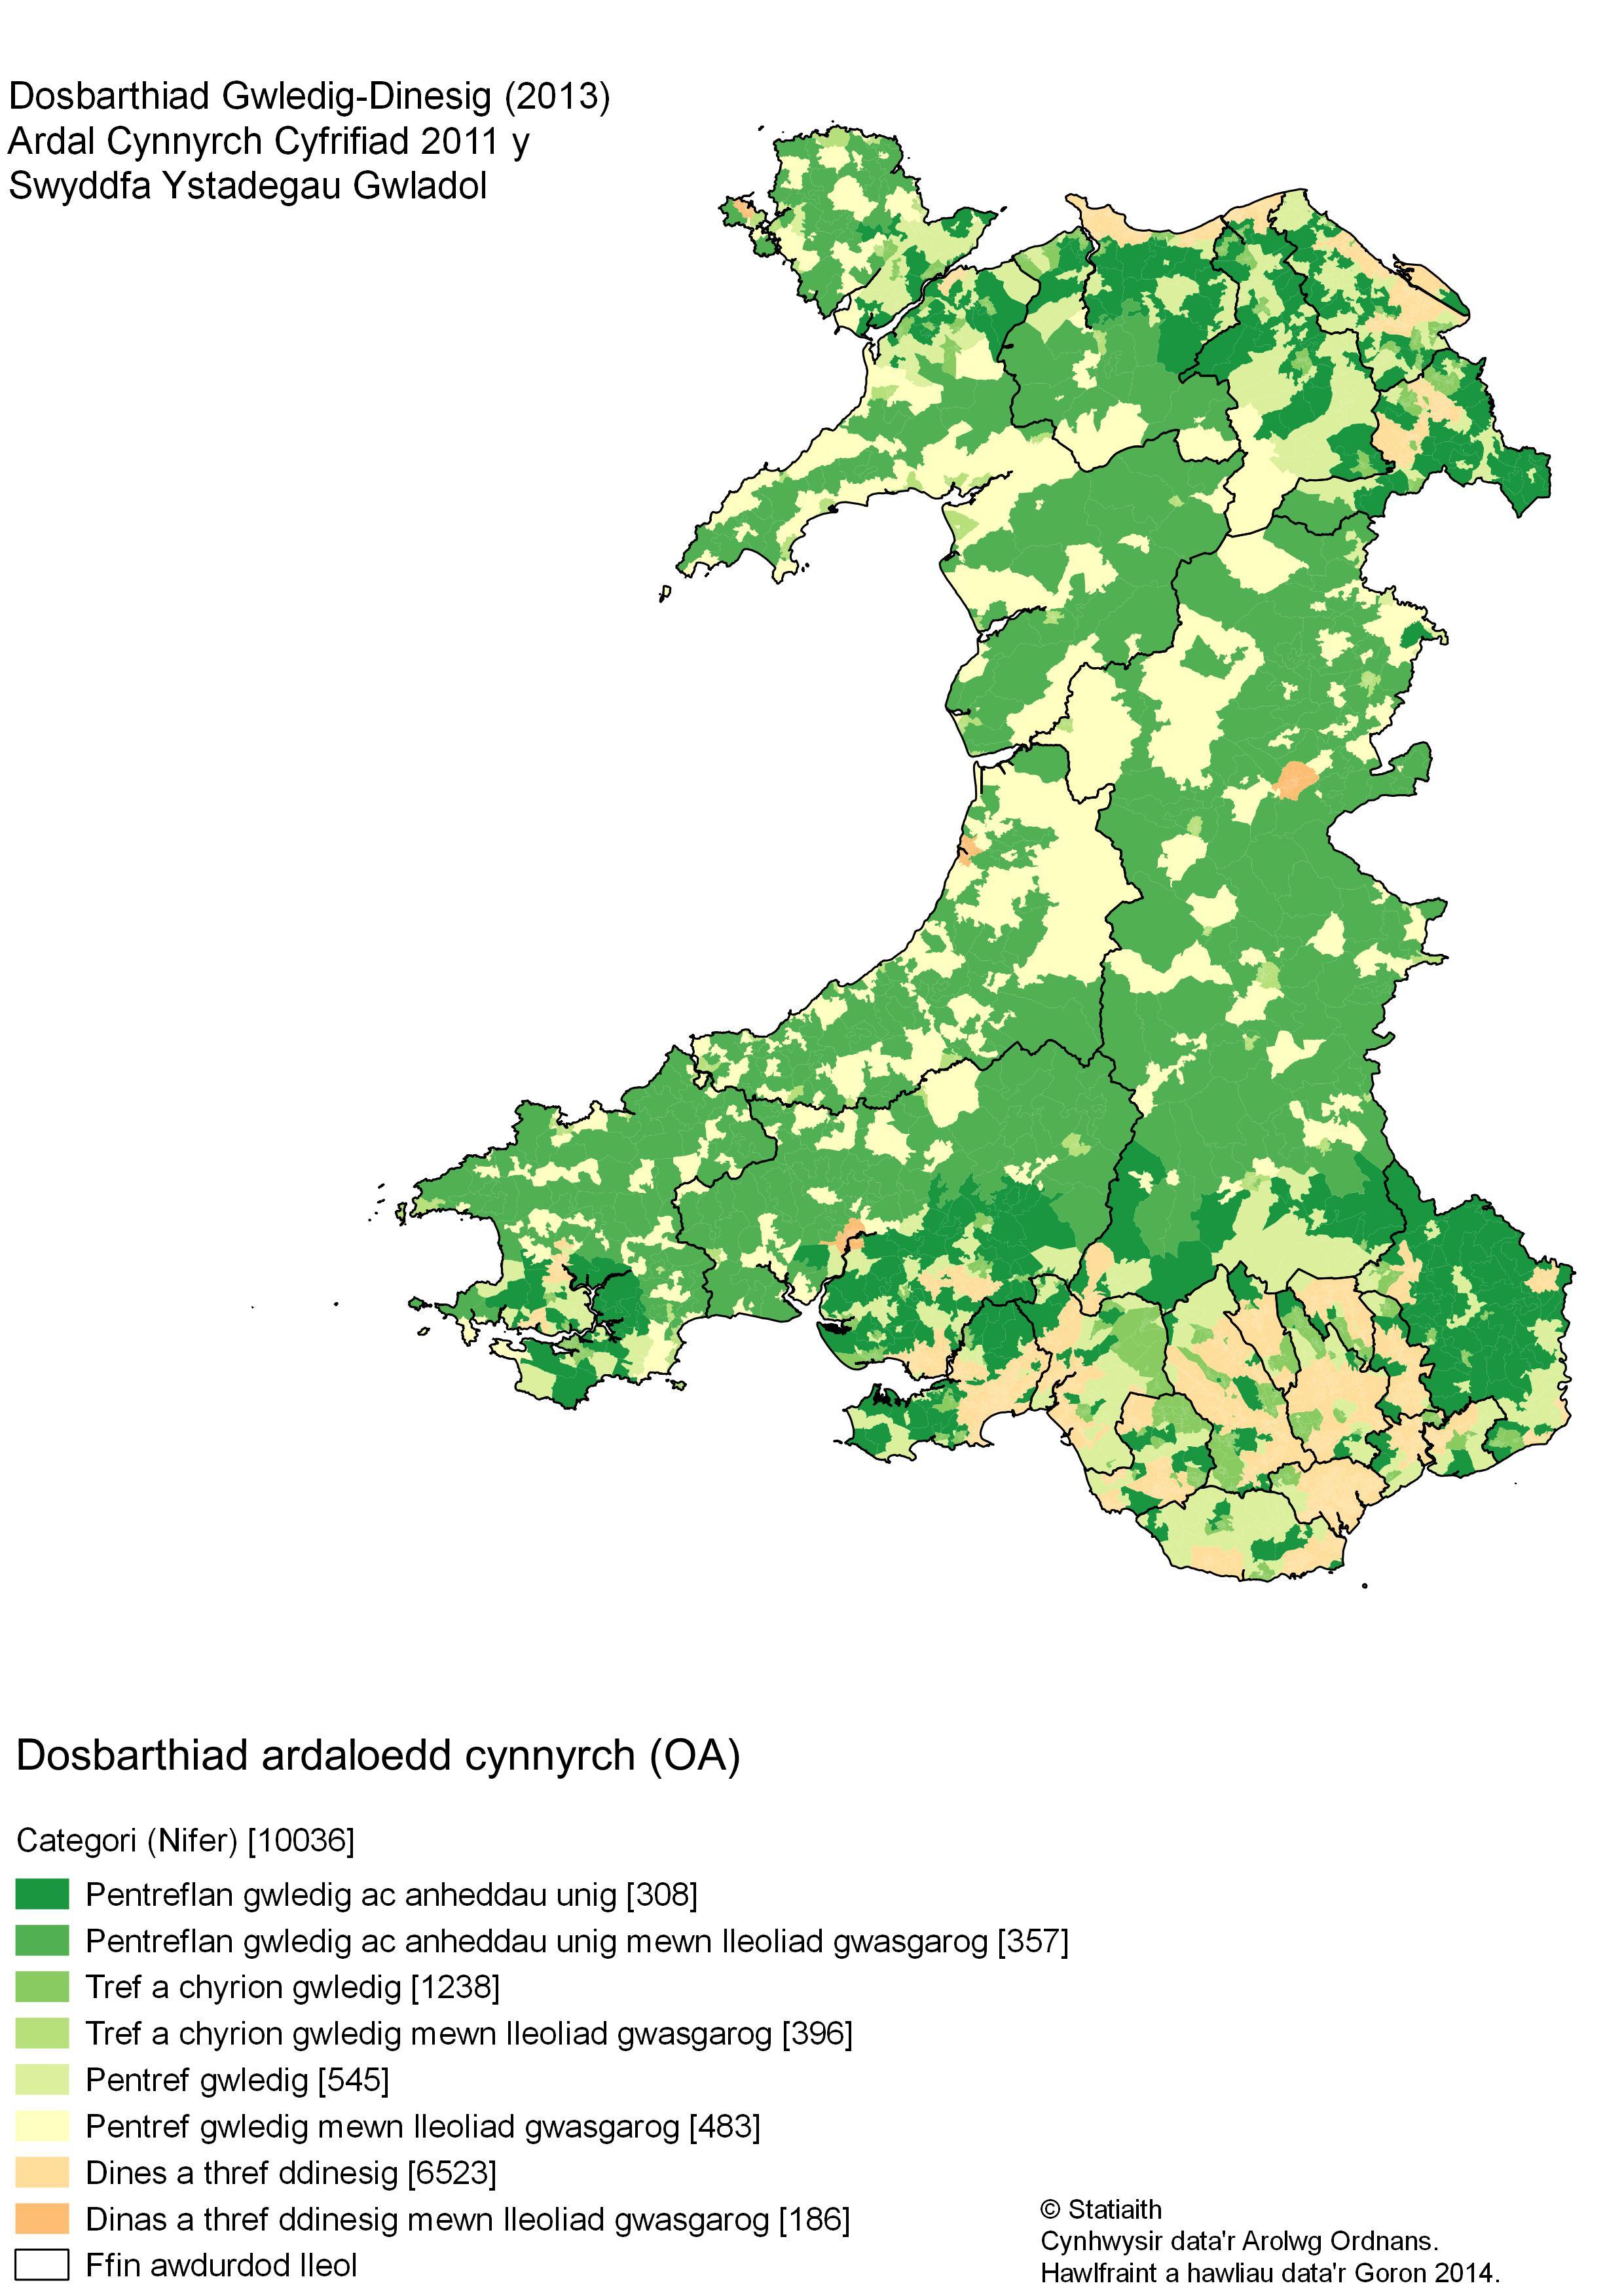 Dosbarthiad ardaloedd cynnyrch Cyfrifiad 2011 gan ddefnyddio dosbarthiad y SYG